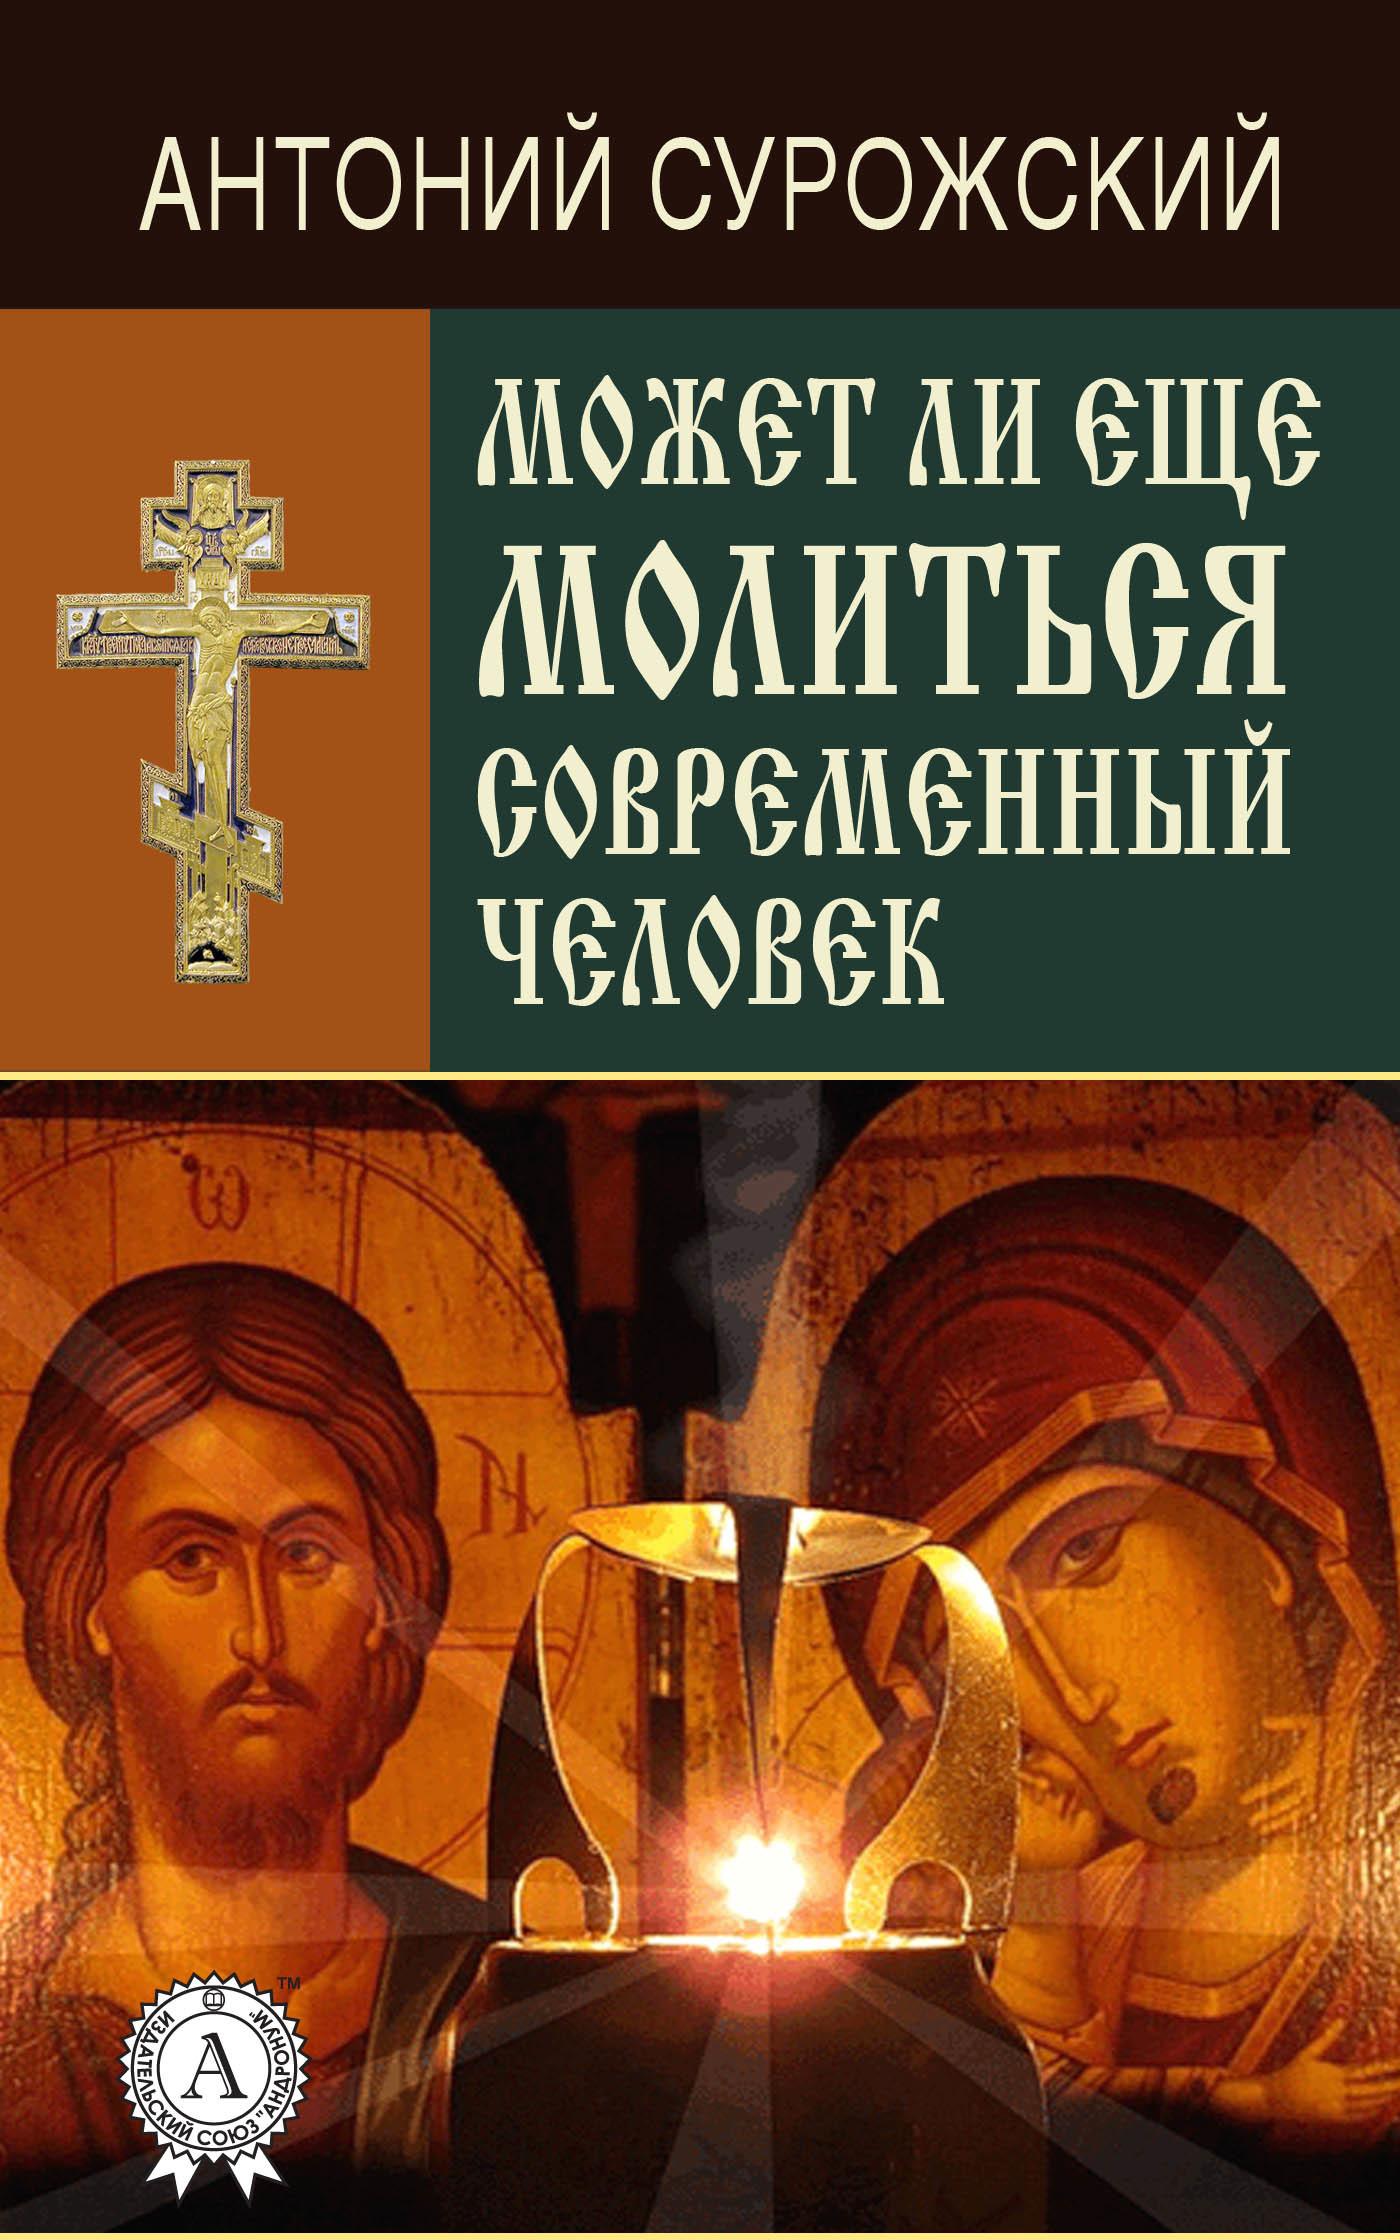 Скачать Может ли еще молиться современный человек бесплатно Антоний Сурожский